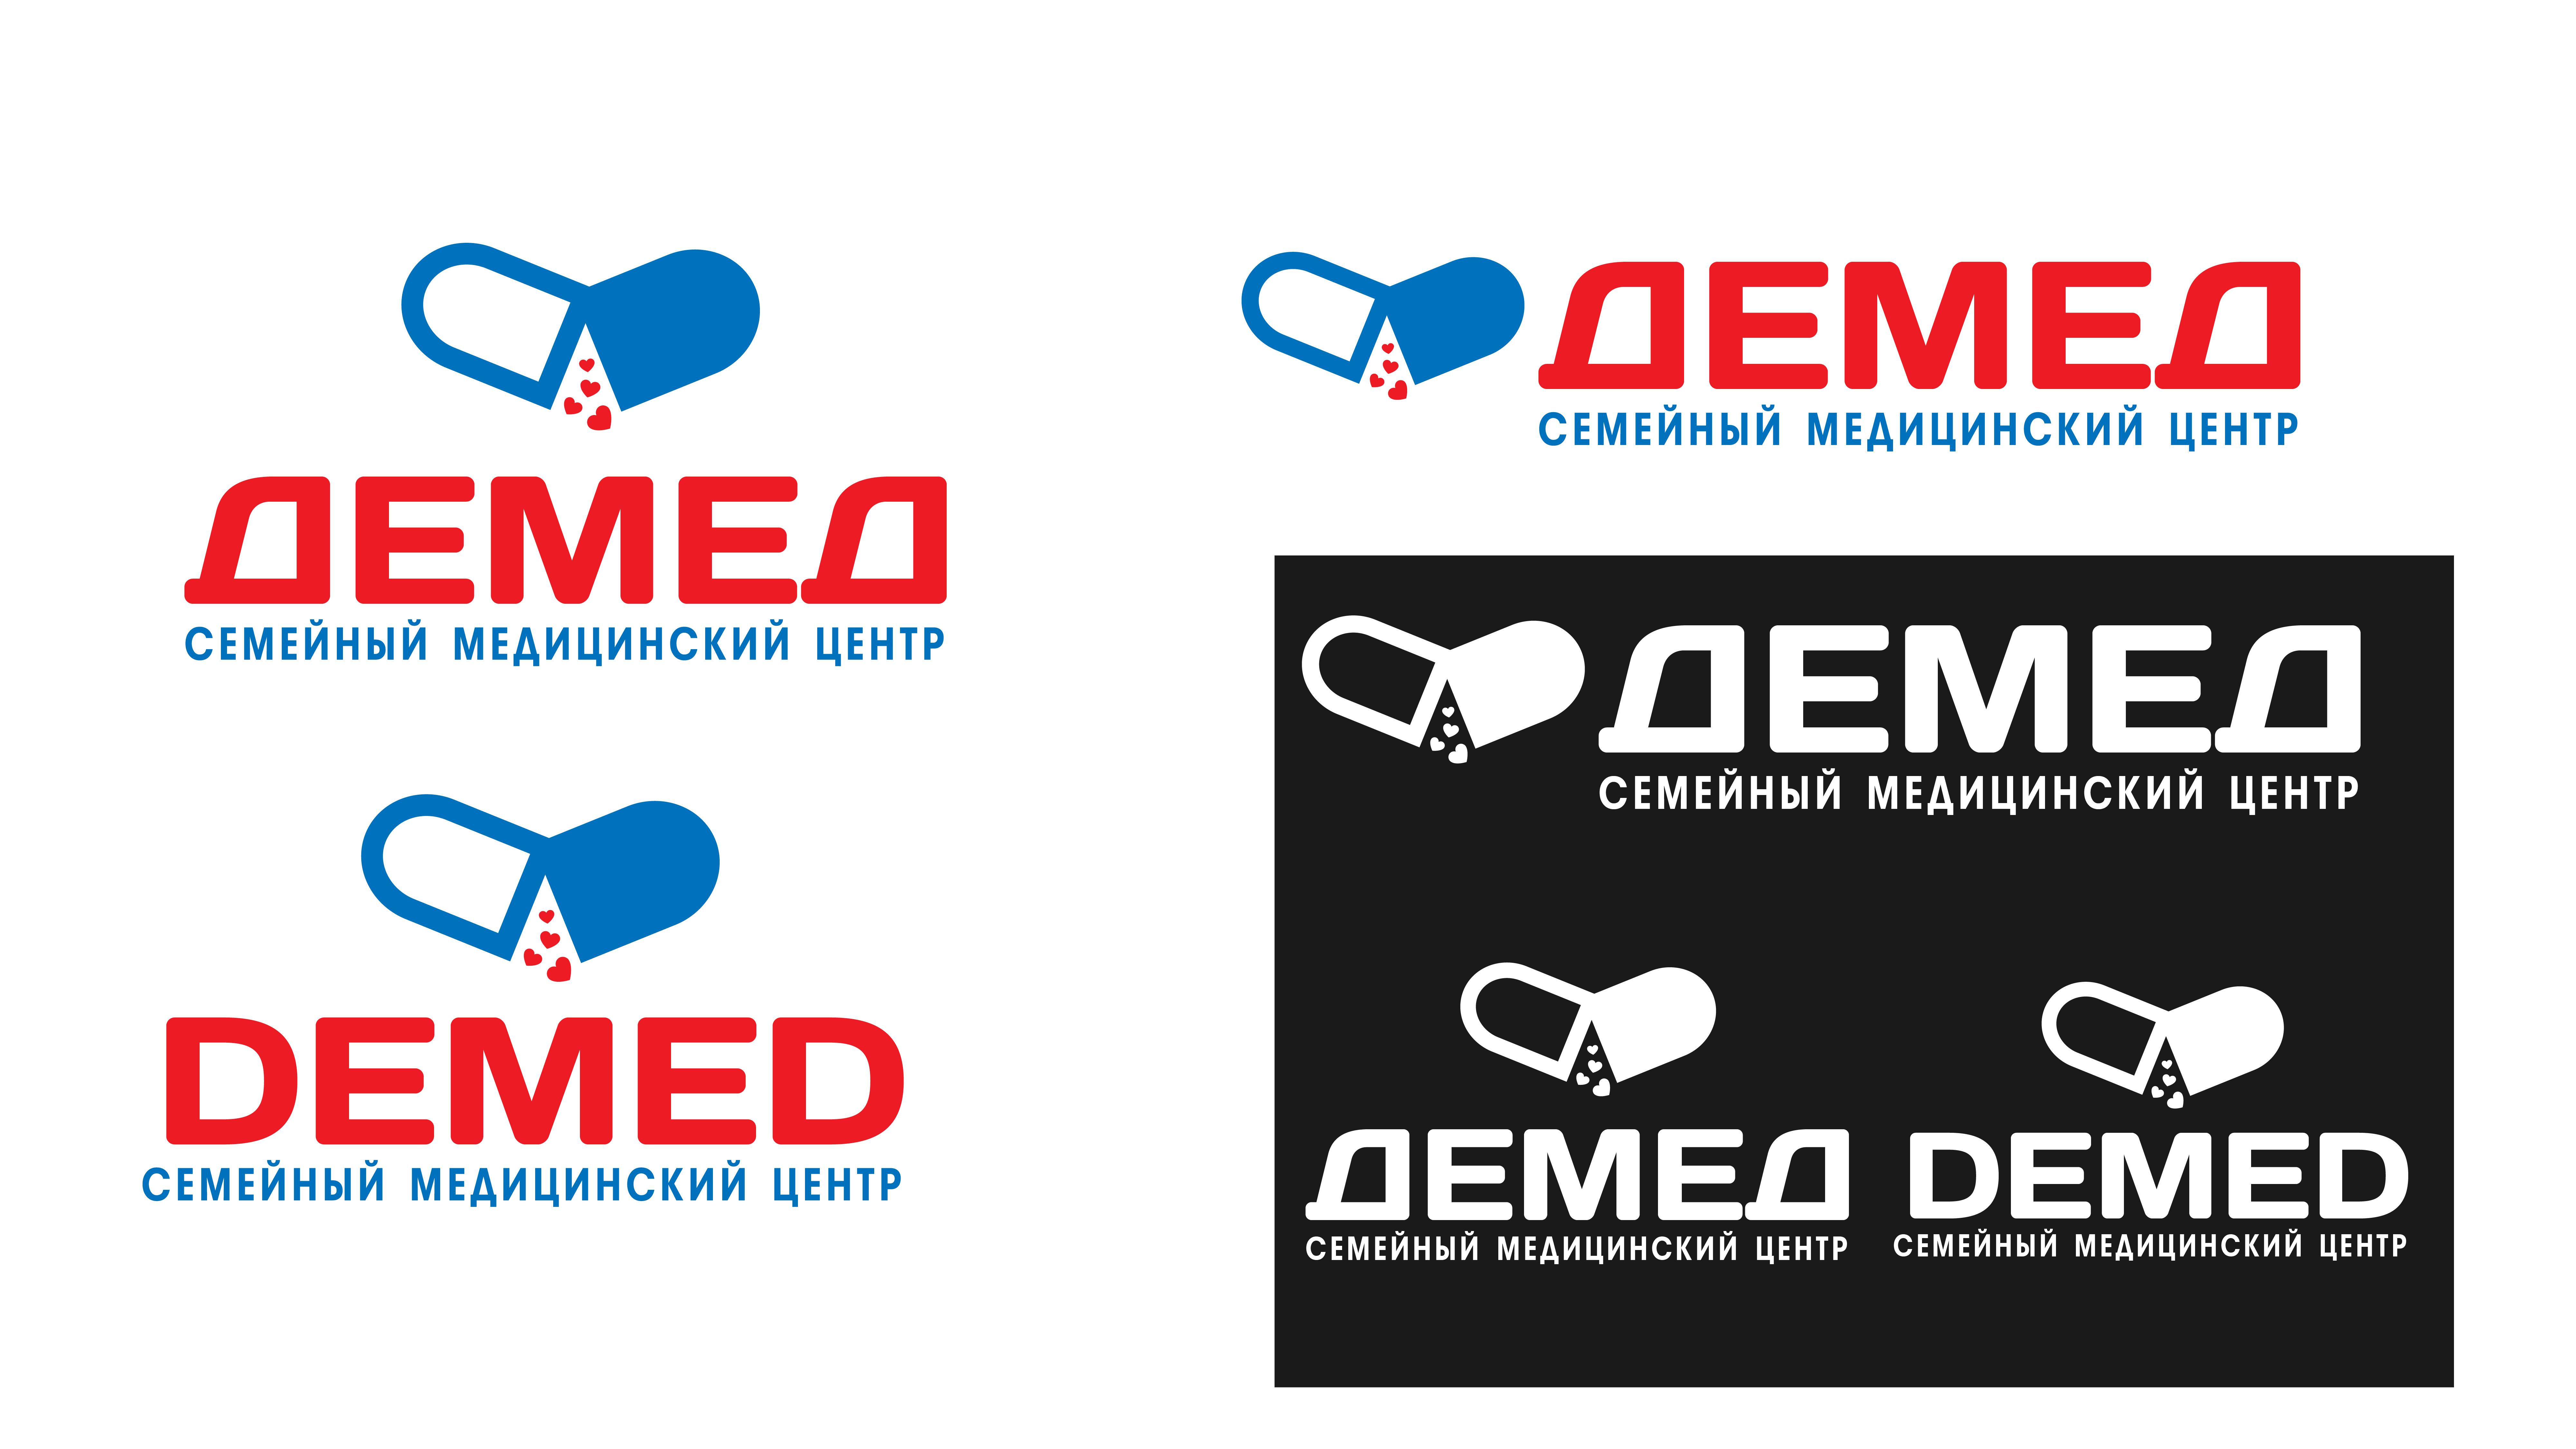 Логотип медицинского центра фото f_8905dc572a0046b7.png